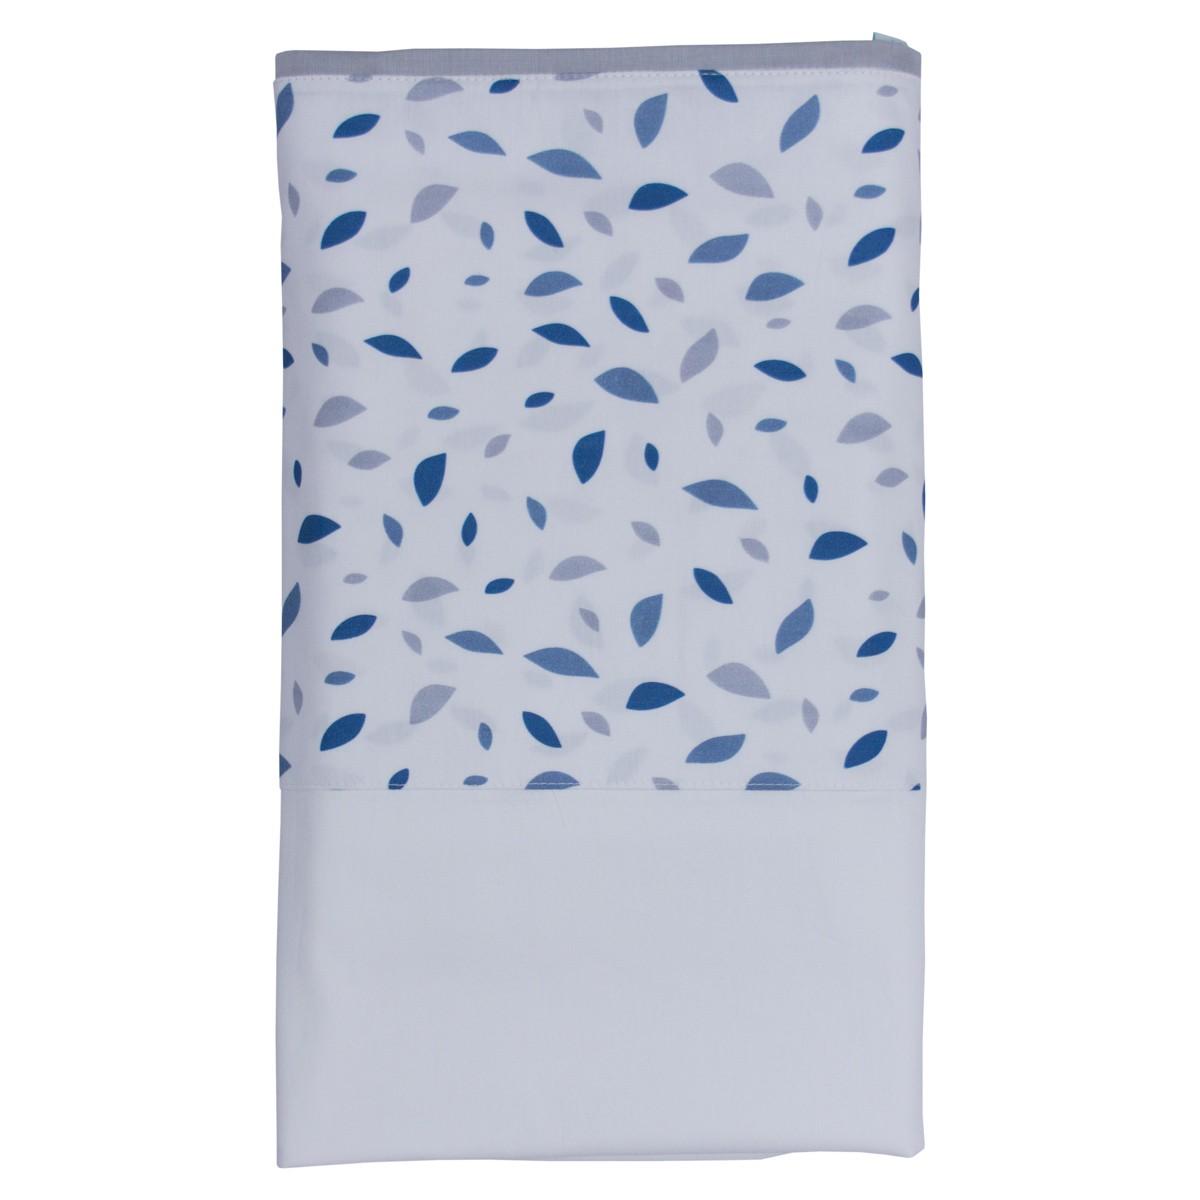 Lençol branco com vira chão de folhas azul